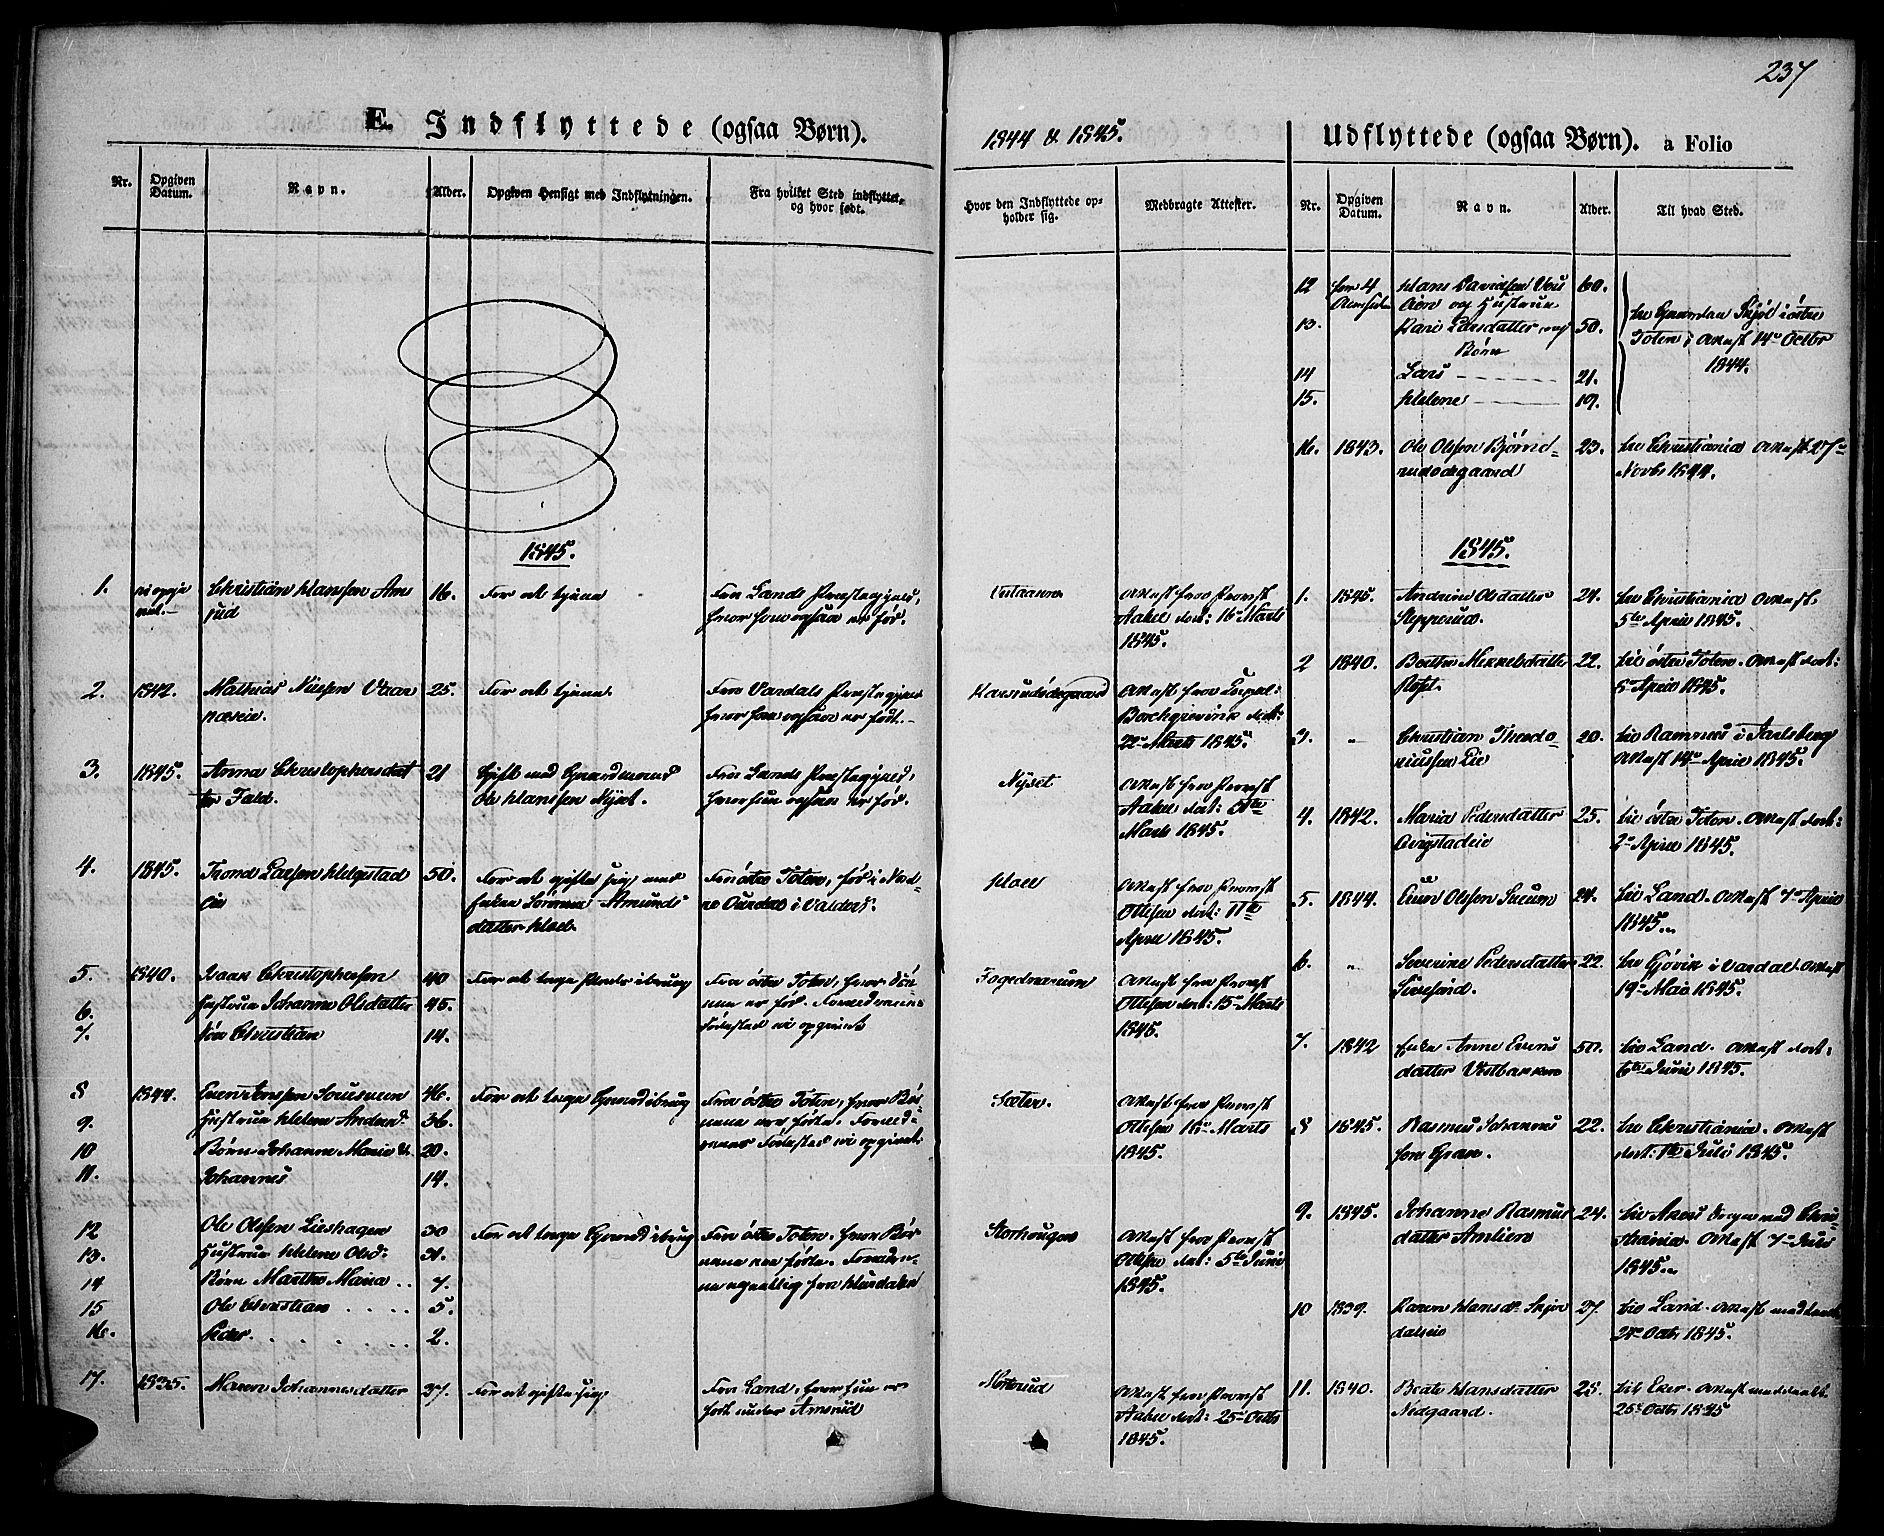 SAH, Vestre Toten prestekontor, Ministerialbok nr. 4, 1844-1849, s. 237